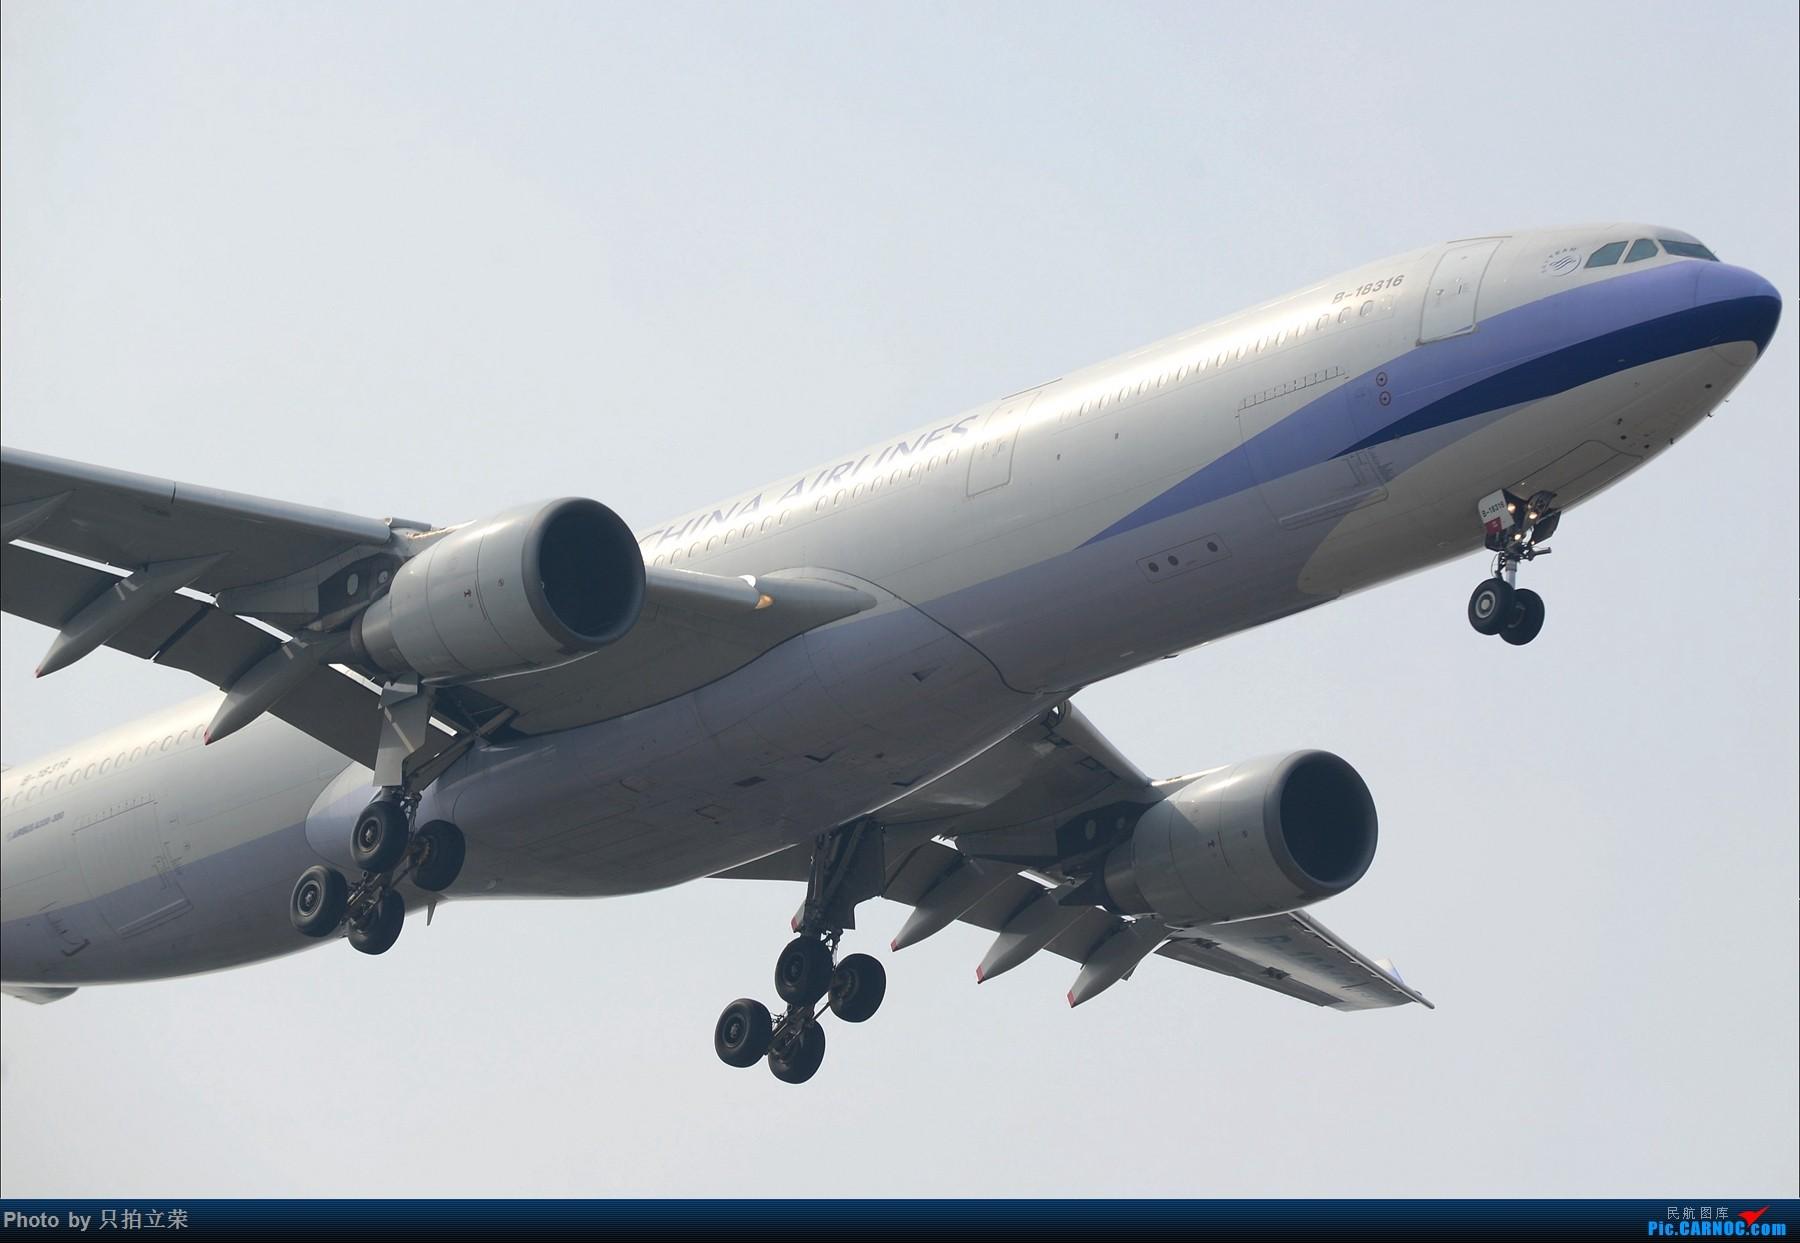 Re:[原创]湖南飞友会:三家max齐聚长沙,三种333发动机大比拼! AIRBUS A330-300 B-18316 中国长沙黄花国际机场